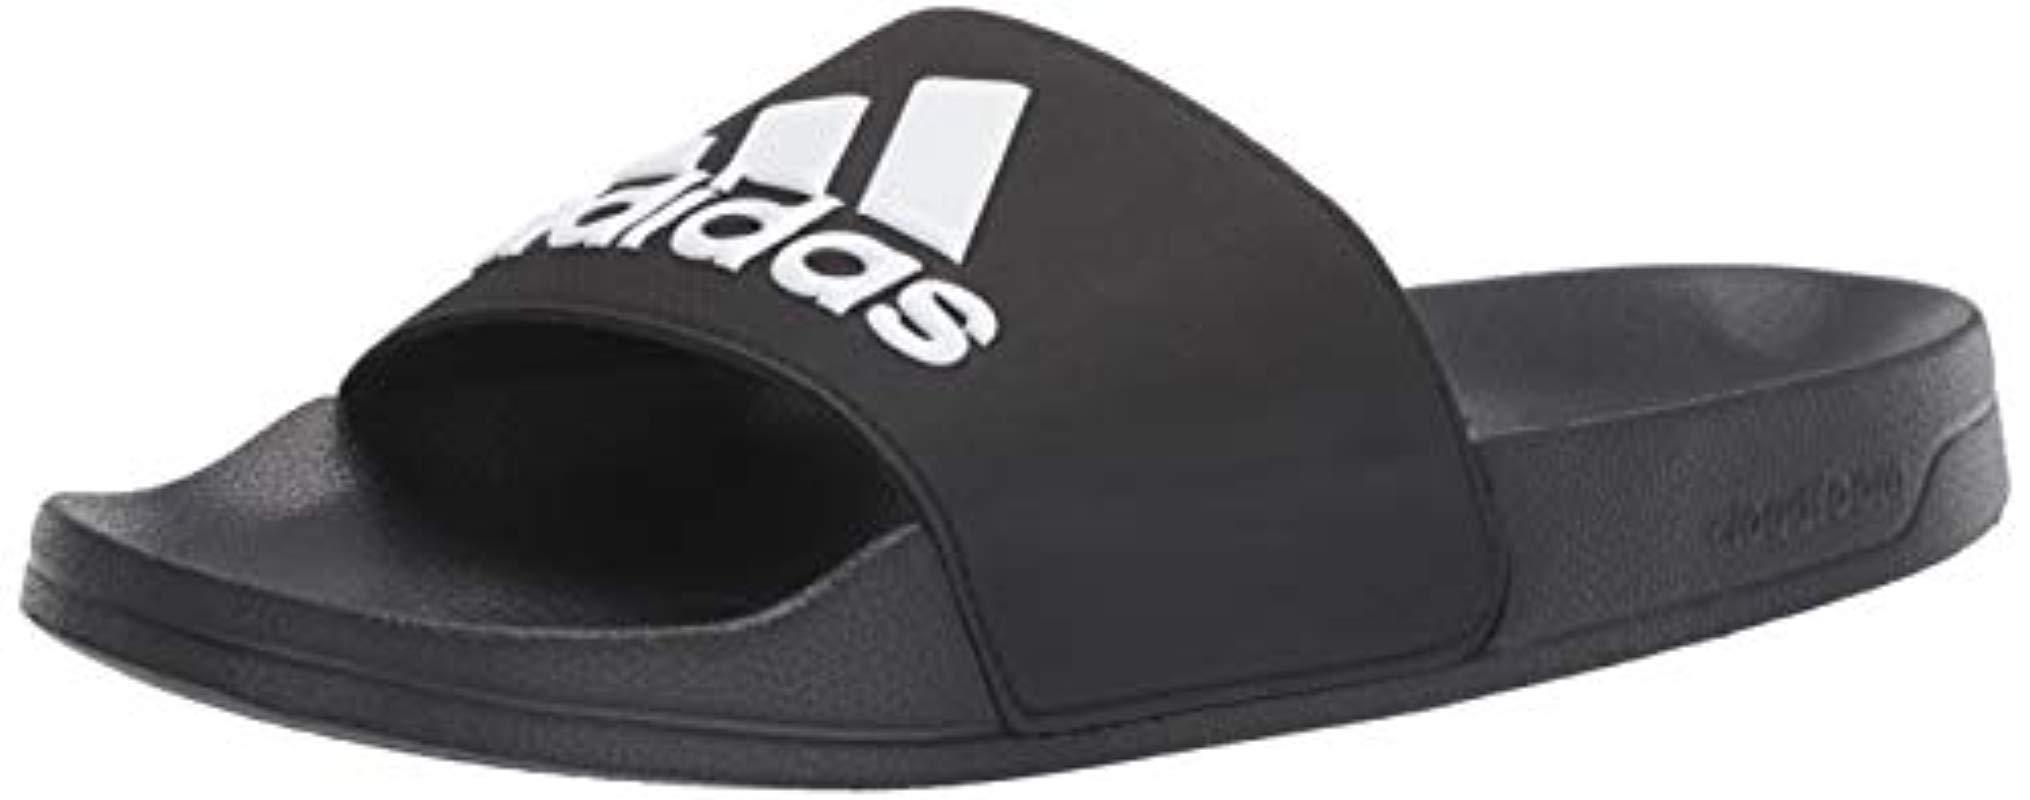 new concept c01a4 75e55 Adidas - Black Adilette Shower Logo Sandal for Men - Lyst. View fullscreen